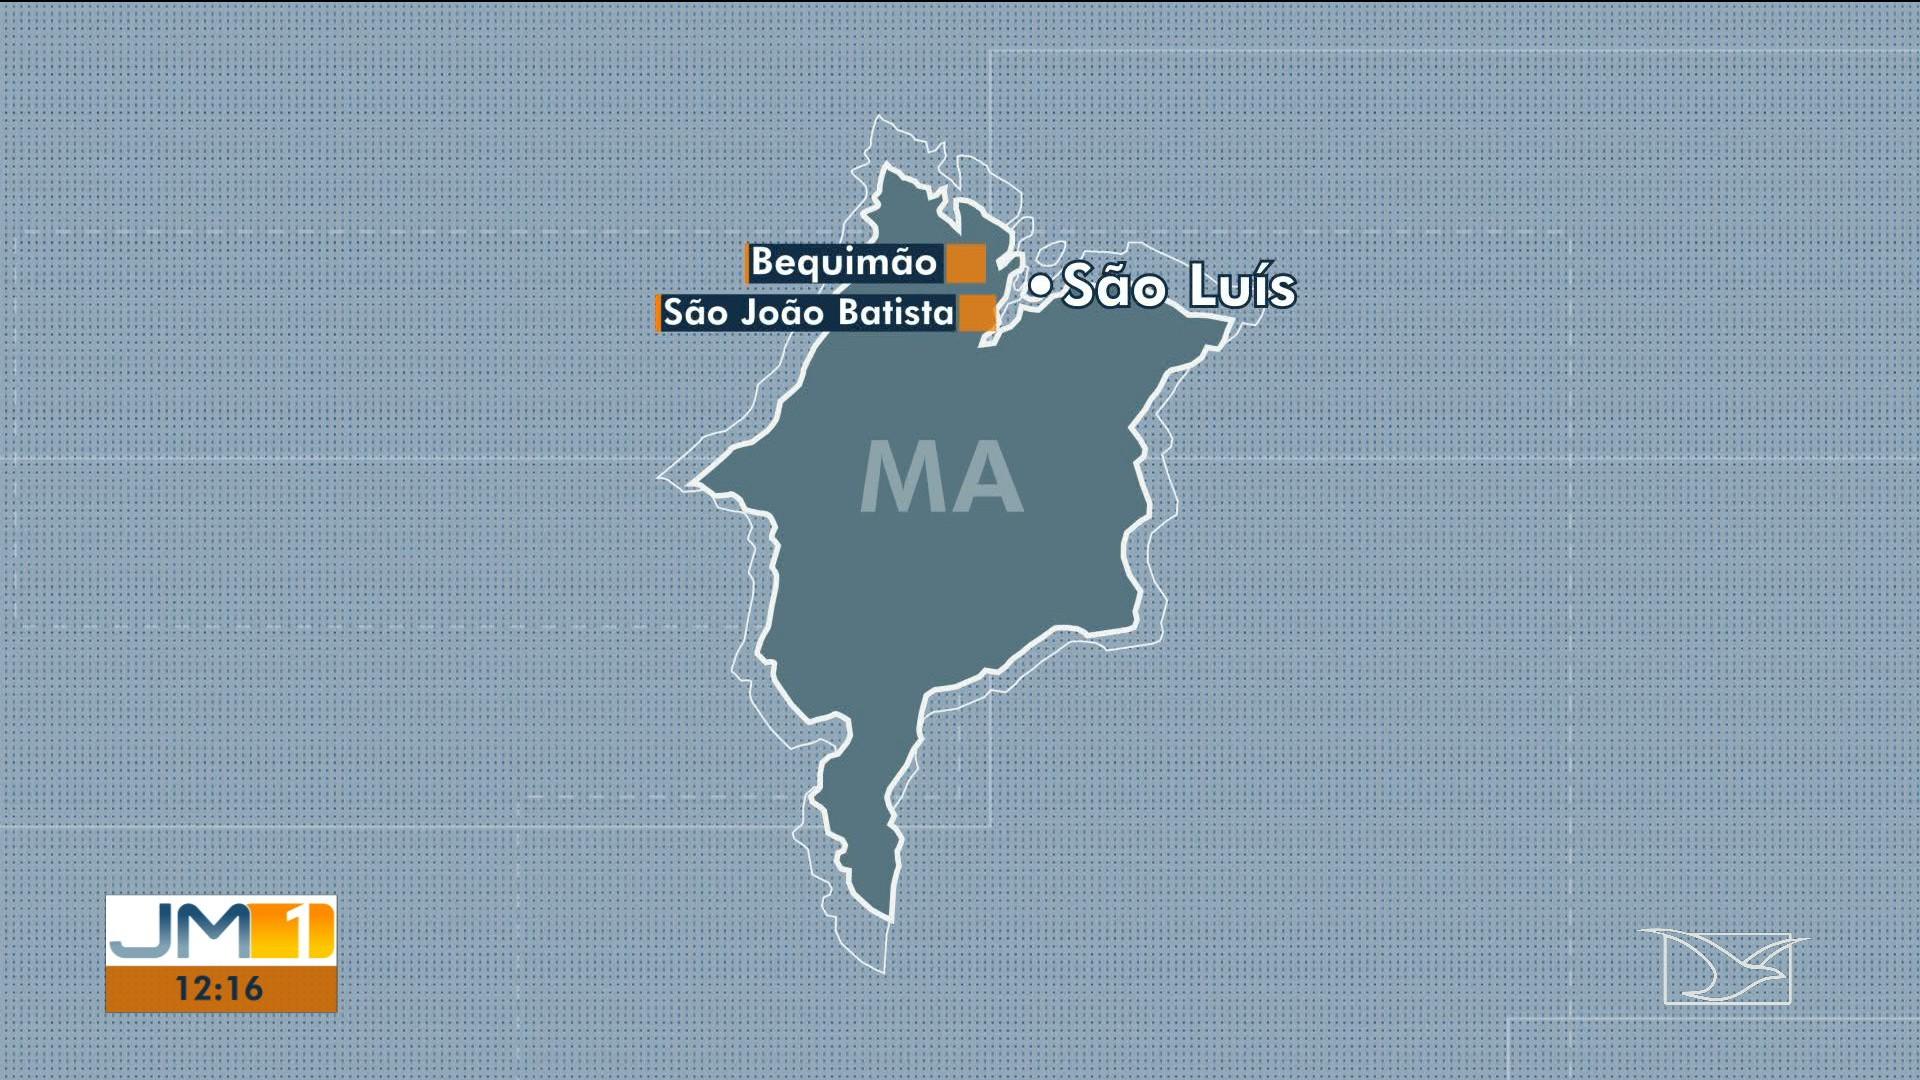 Tremor de terra com magnitude de 3.1 é registrado em São João Batista, no MA - Notícias - Plantão Diário